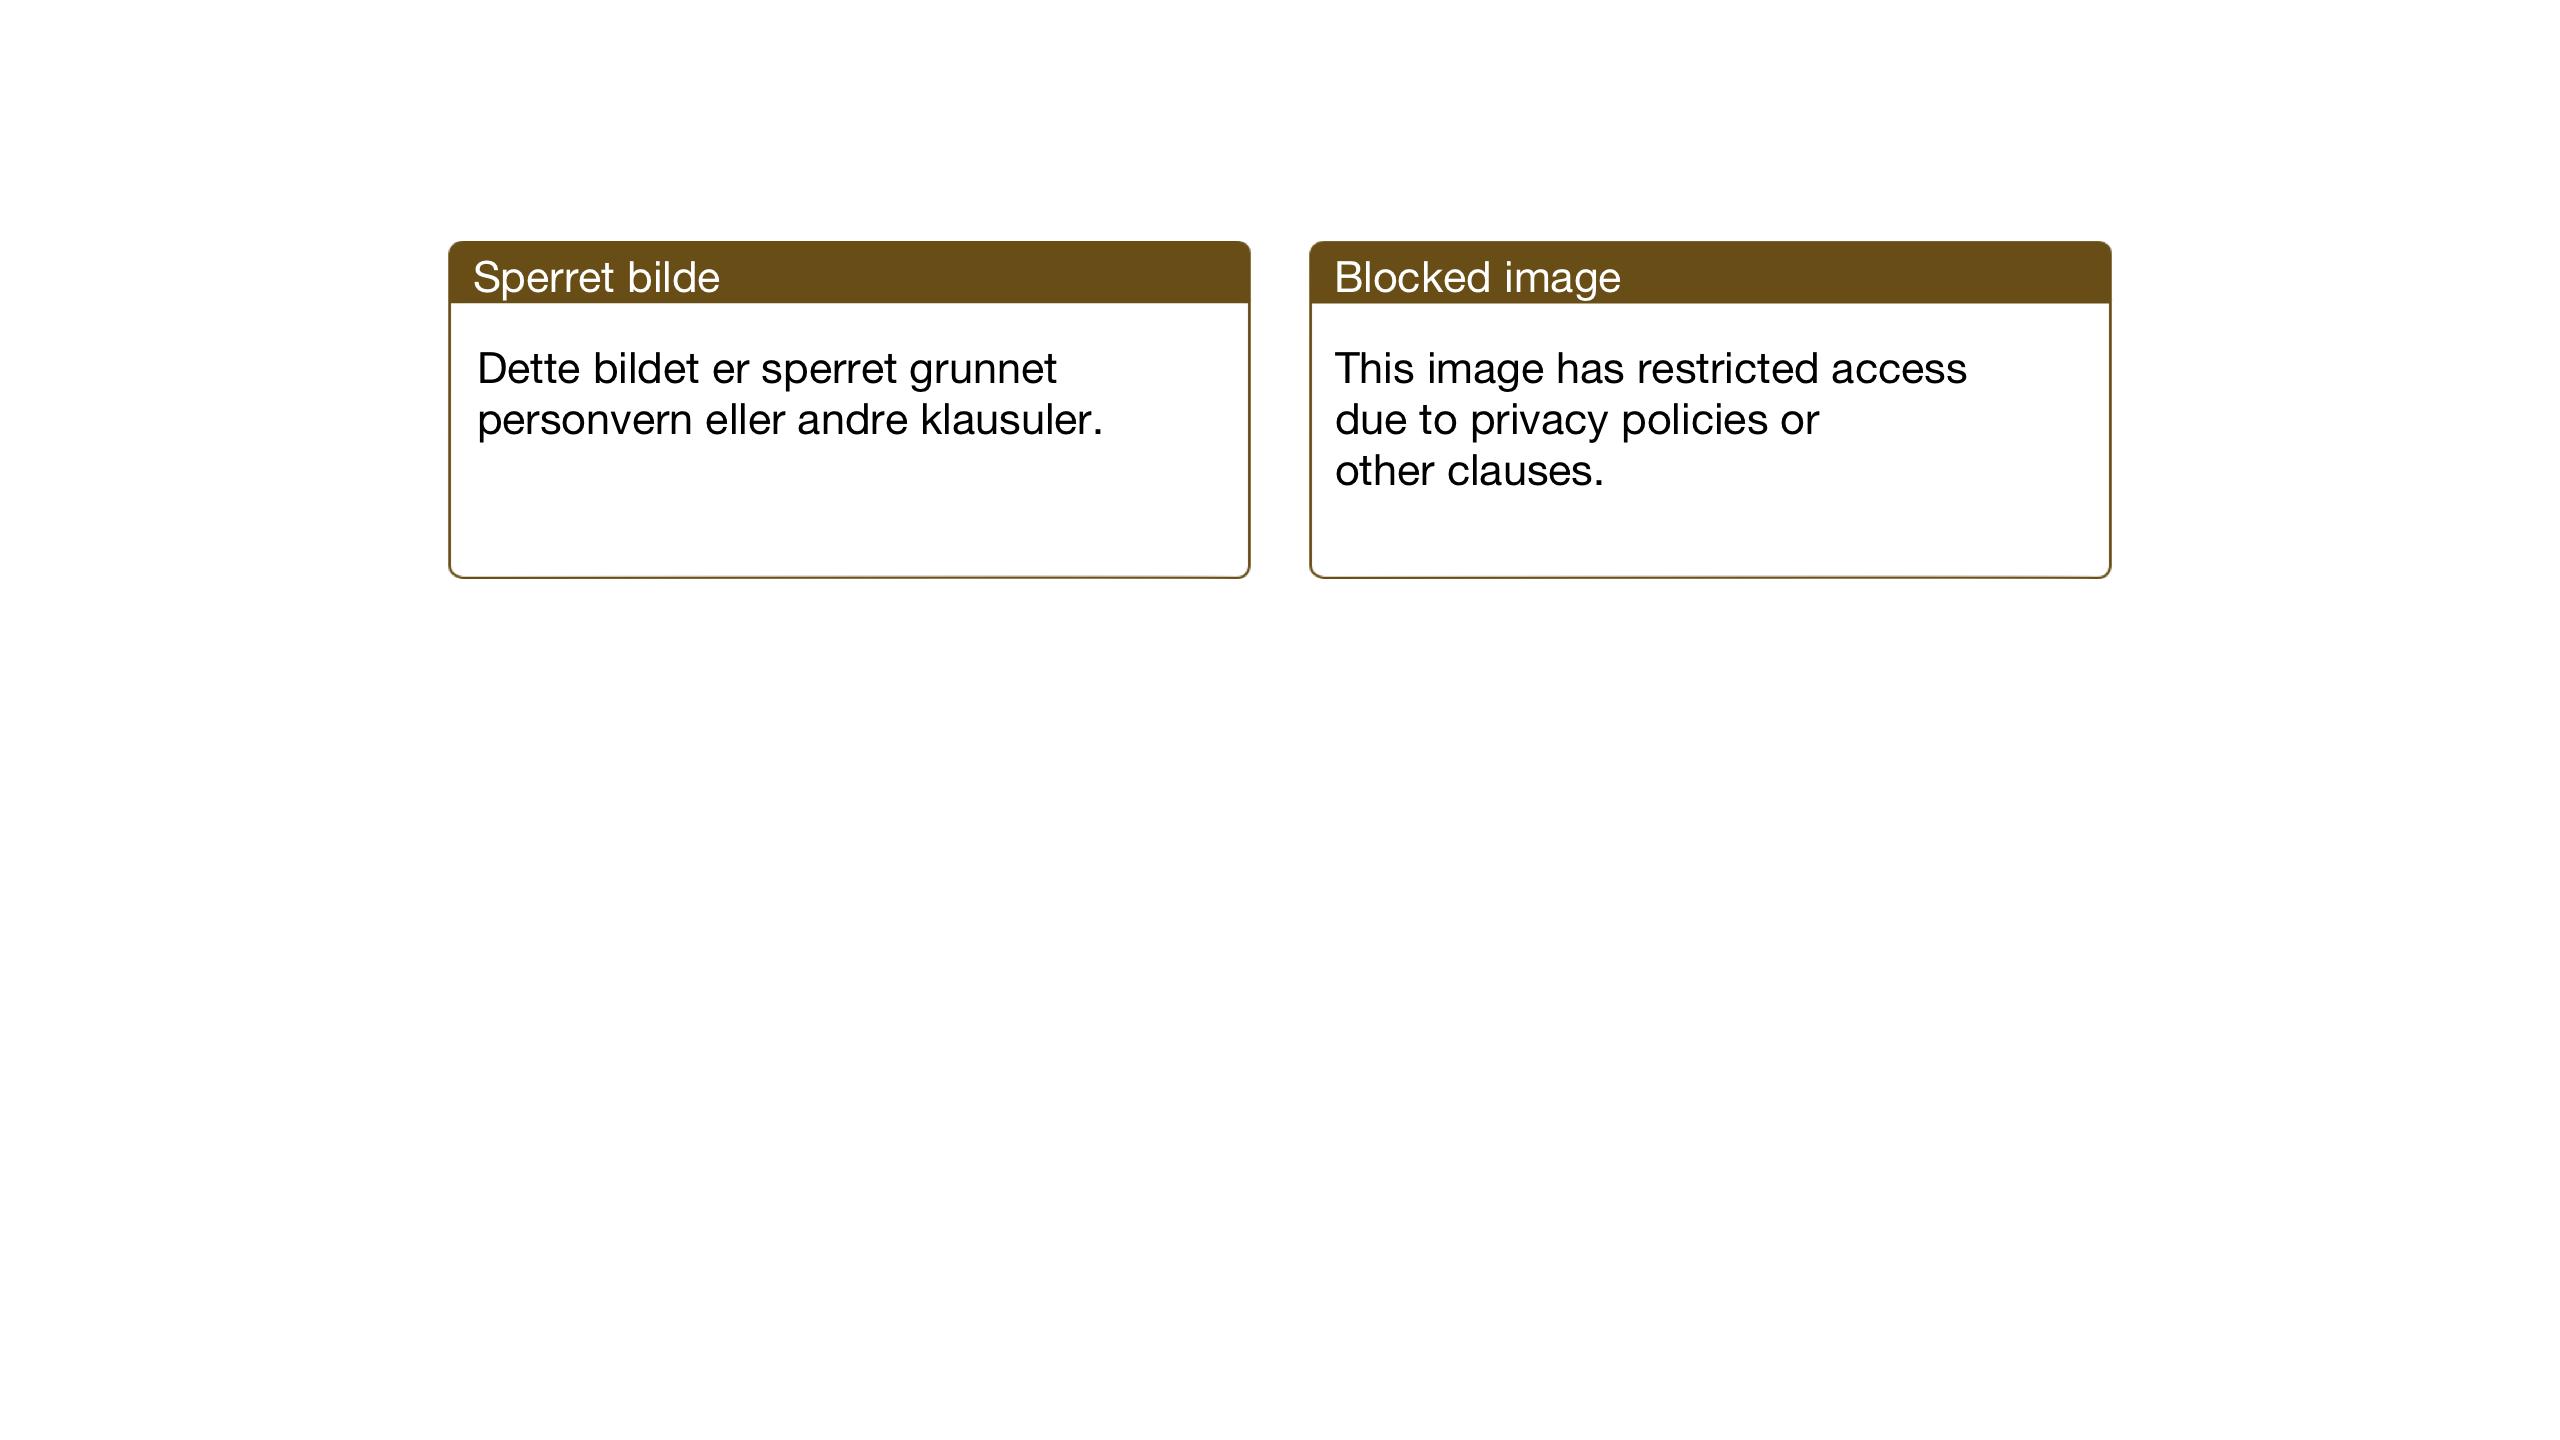 SAT, Ministerialprotokoller, klokkerbøker og fødselsregistre - Nord-Trøndelag, 722/L0227: Klokkerbok nr. 722C03, 1928-1958, s. 12